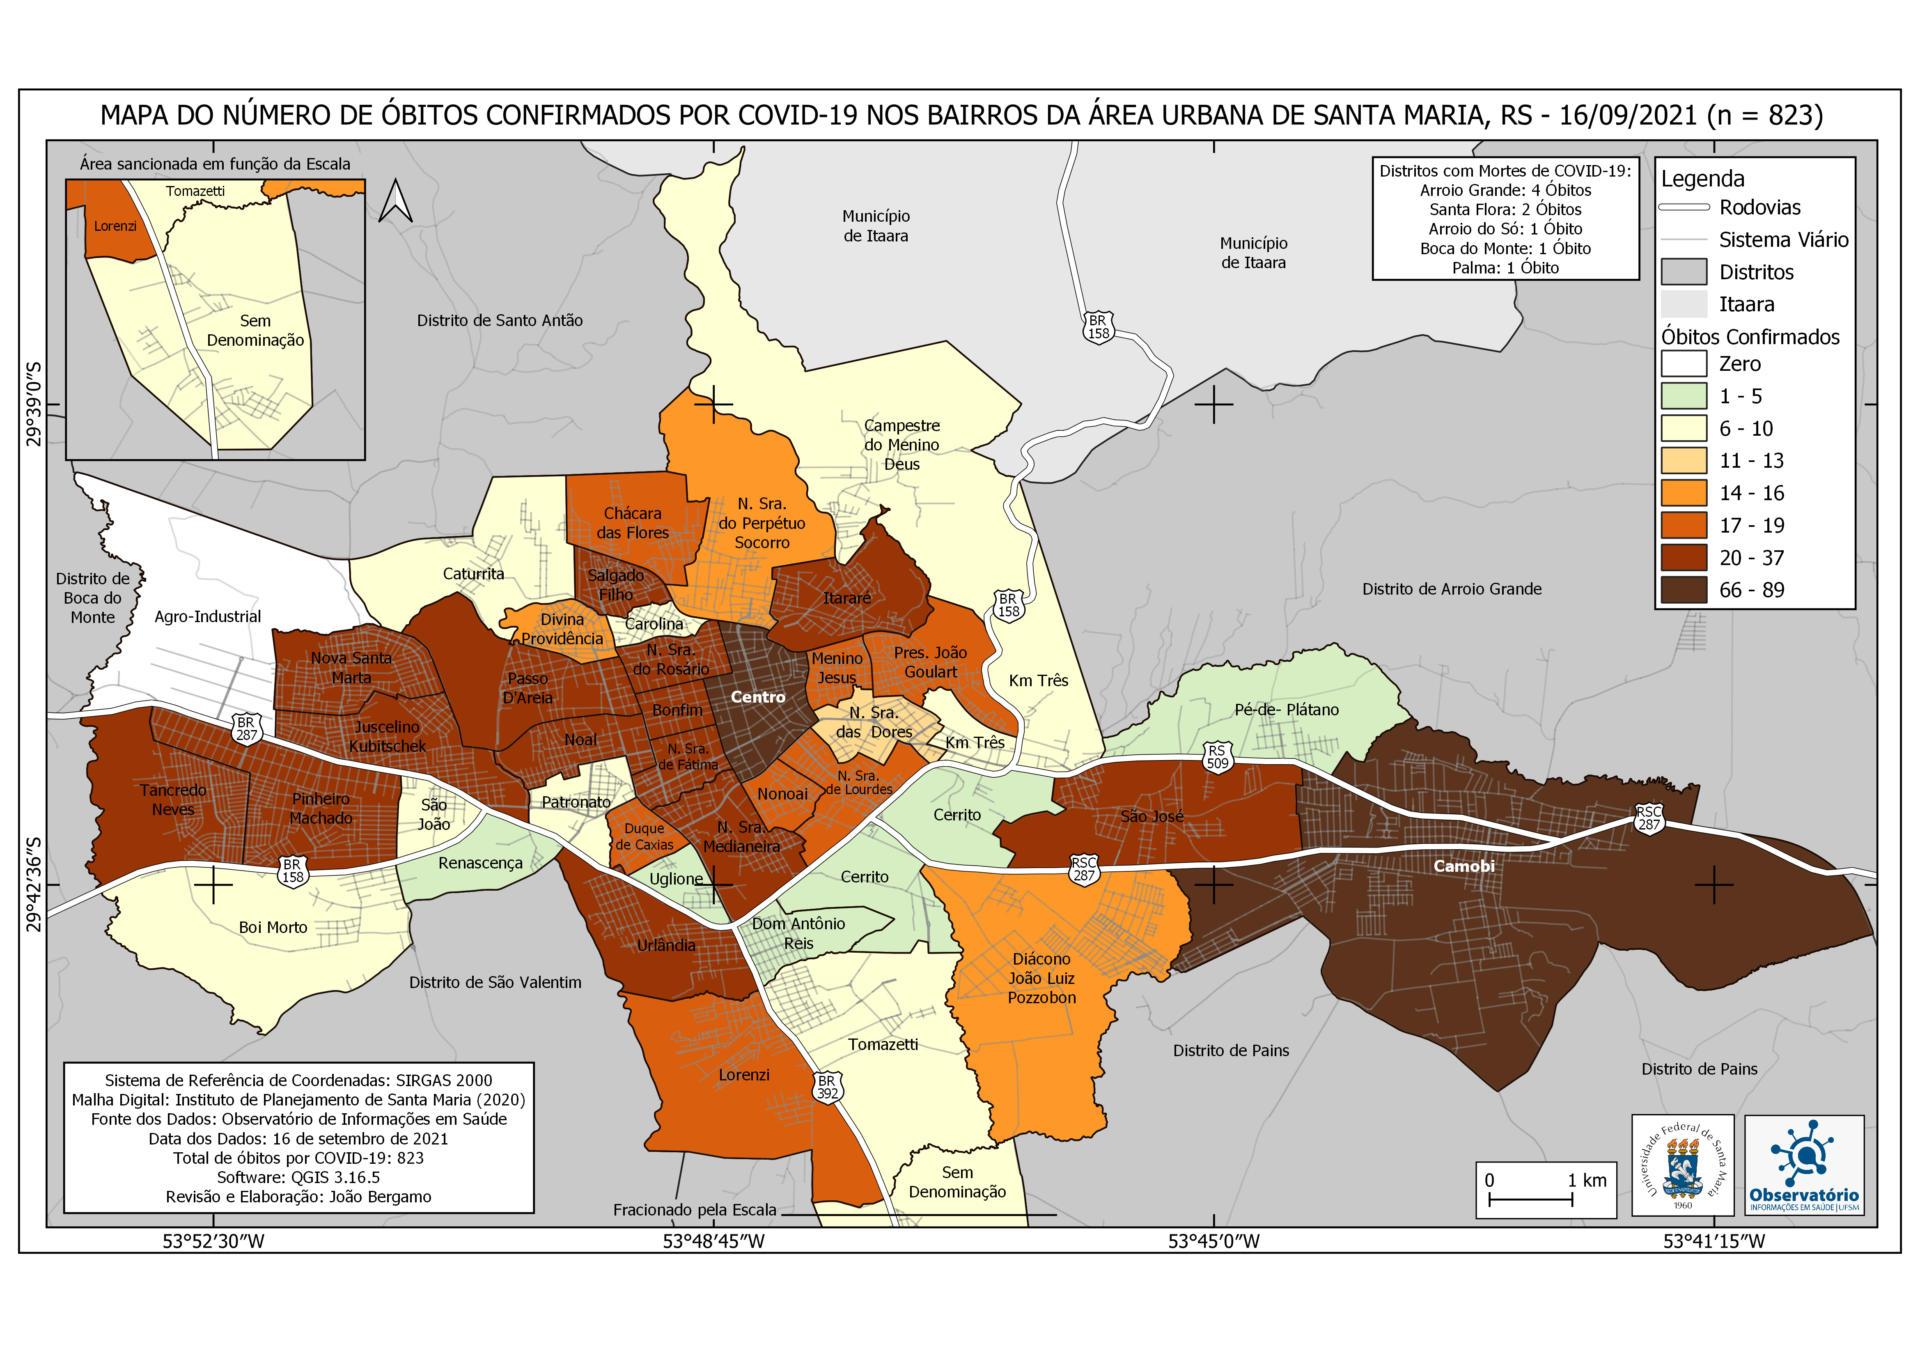 Mapa-Obitos56-16-09-21